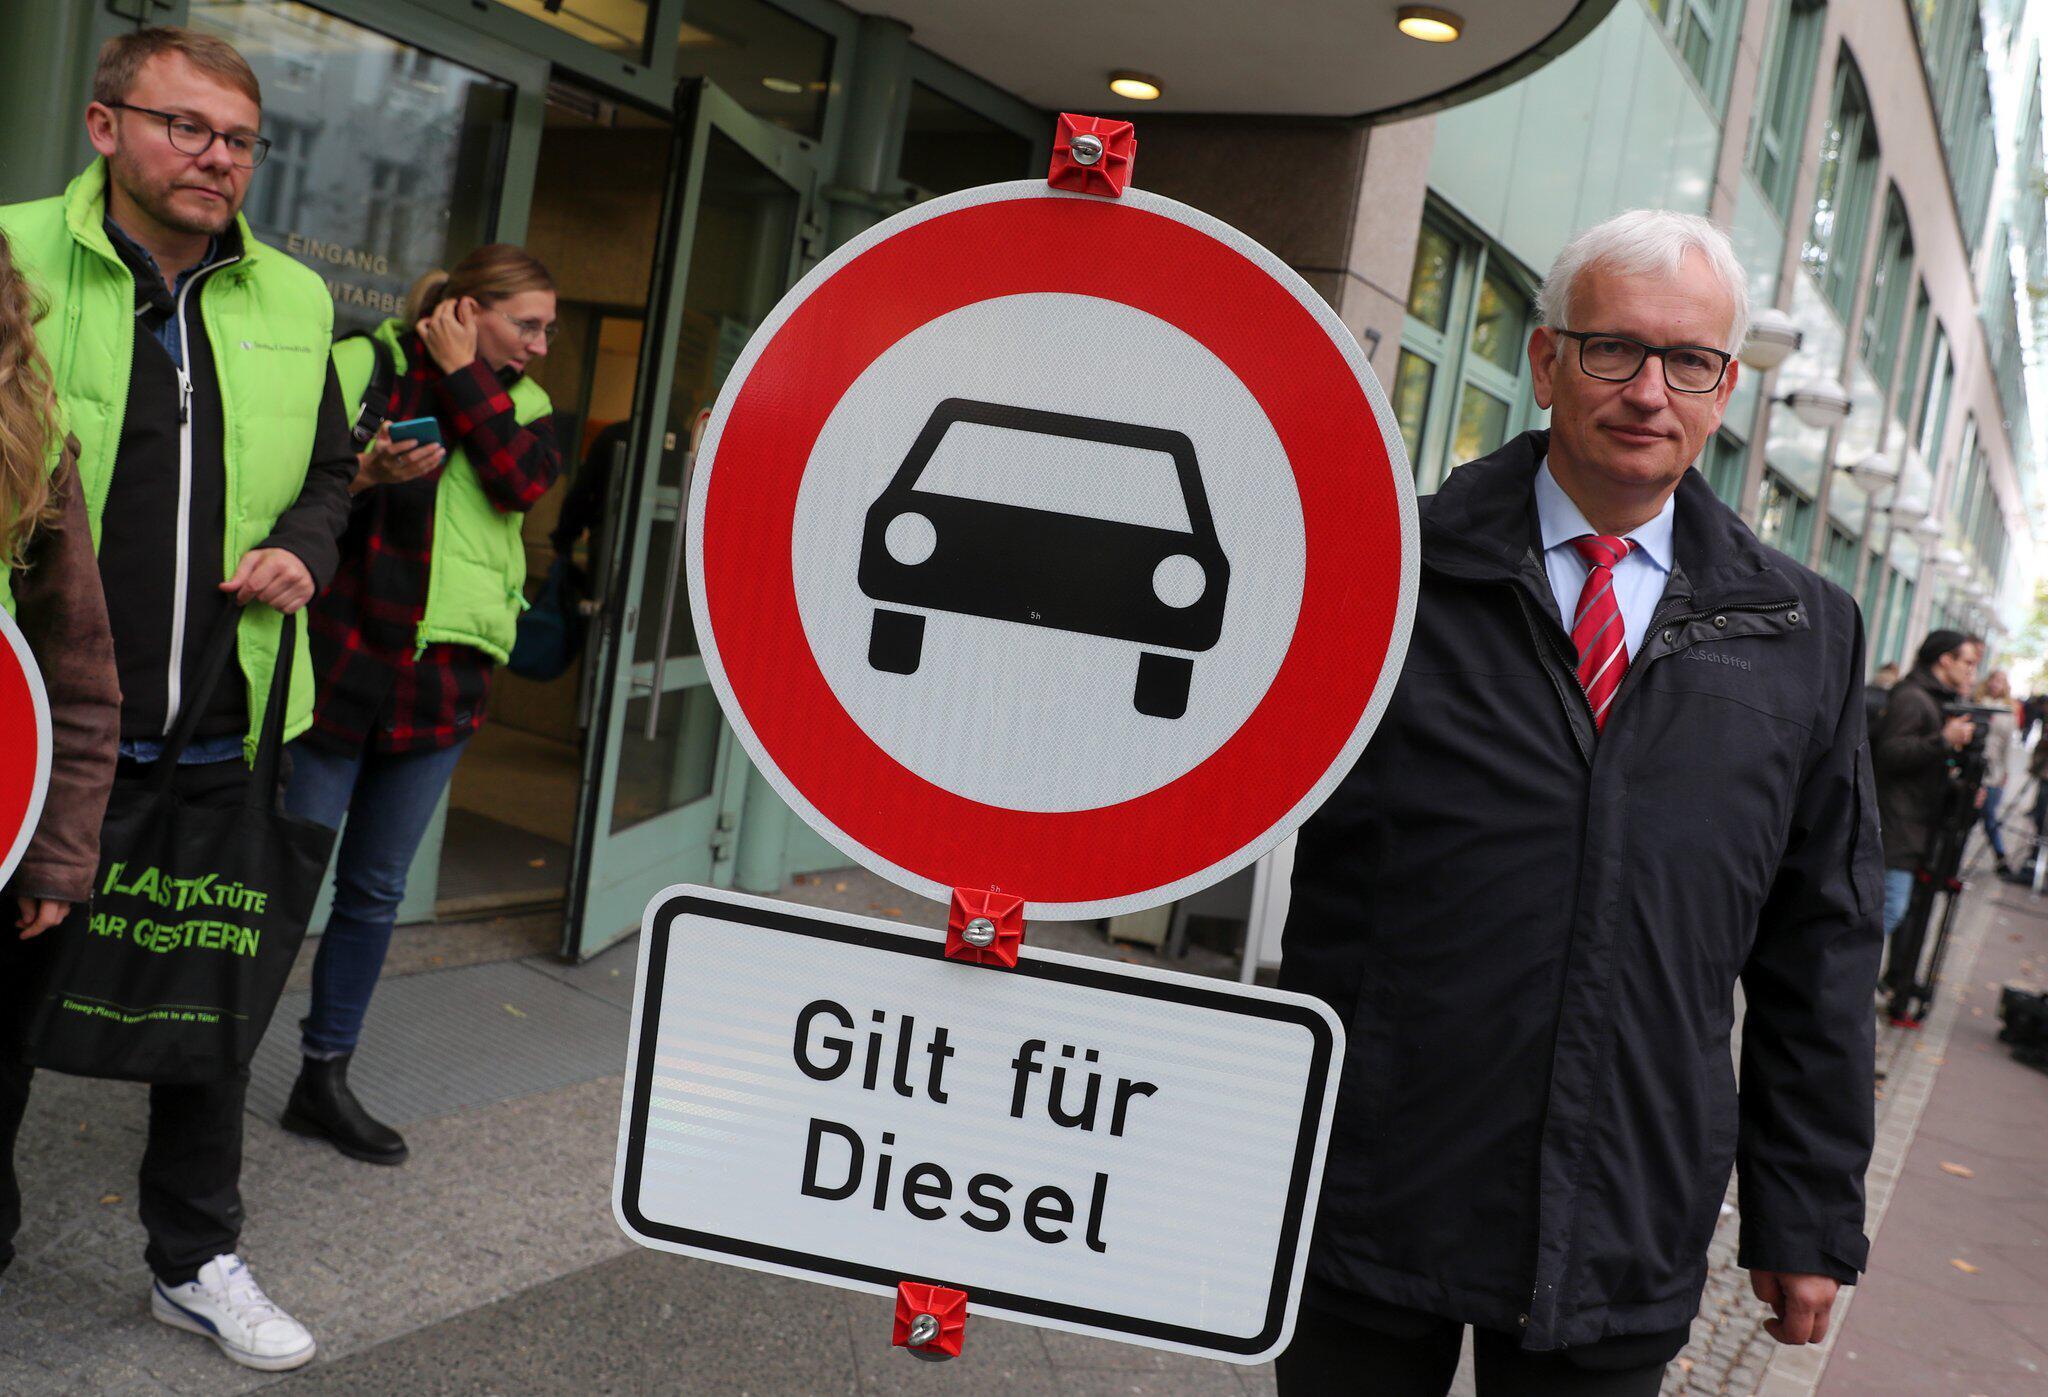 Bild zu Verwaltungsgericht, Berlin, Diesel, Fahrverbot, VDA, Jürgen Resch